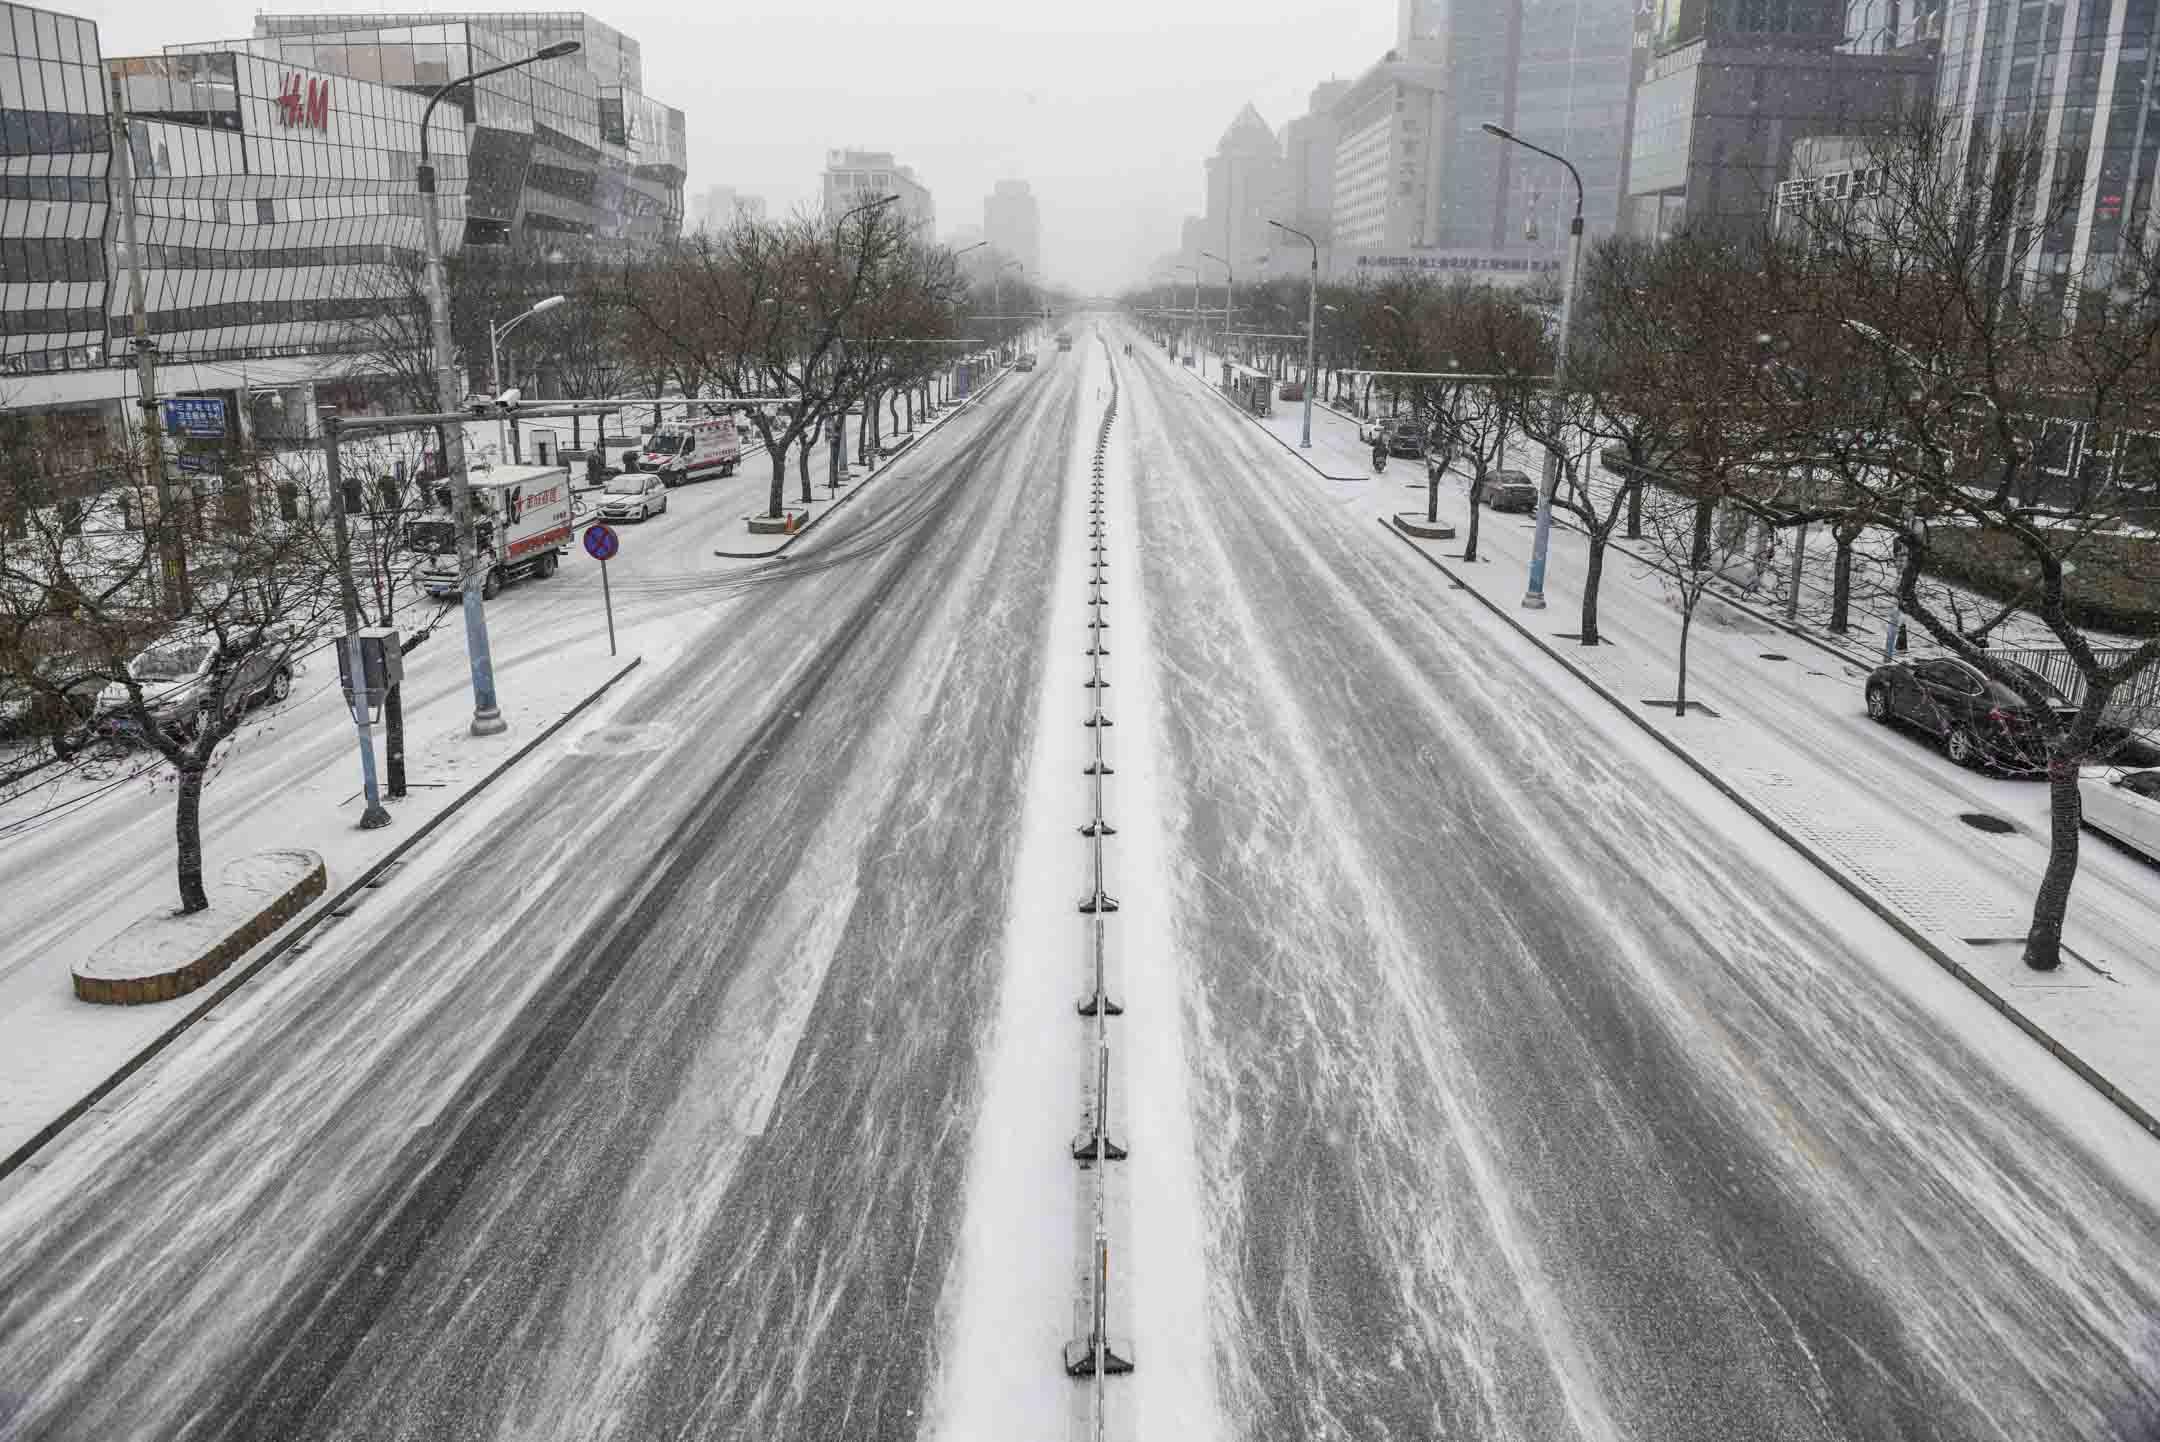 2020年2月5日,北京一條空蕩蕩的街道。因為肺炎疫情影響,中國不少公司與工廠都停工,商戶停業,大量市民也不敢上街消費,多方面都對經濟造成嚴重影響。 攝:Greg Baker/AFP/Getty Images